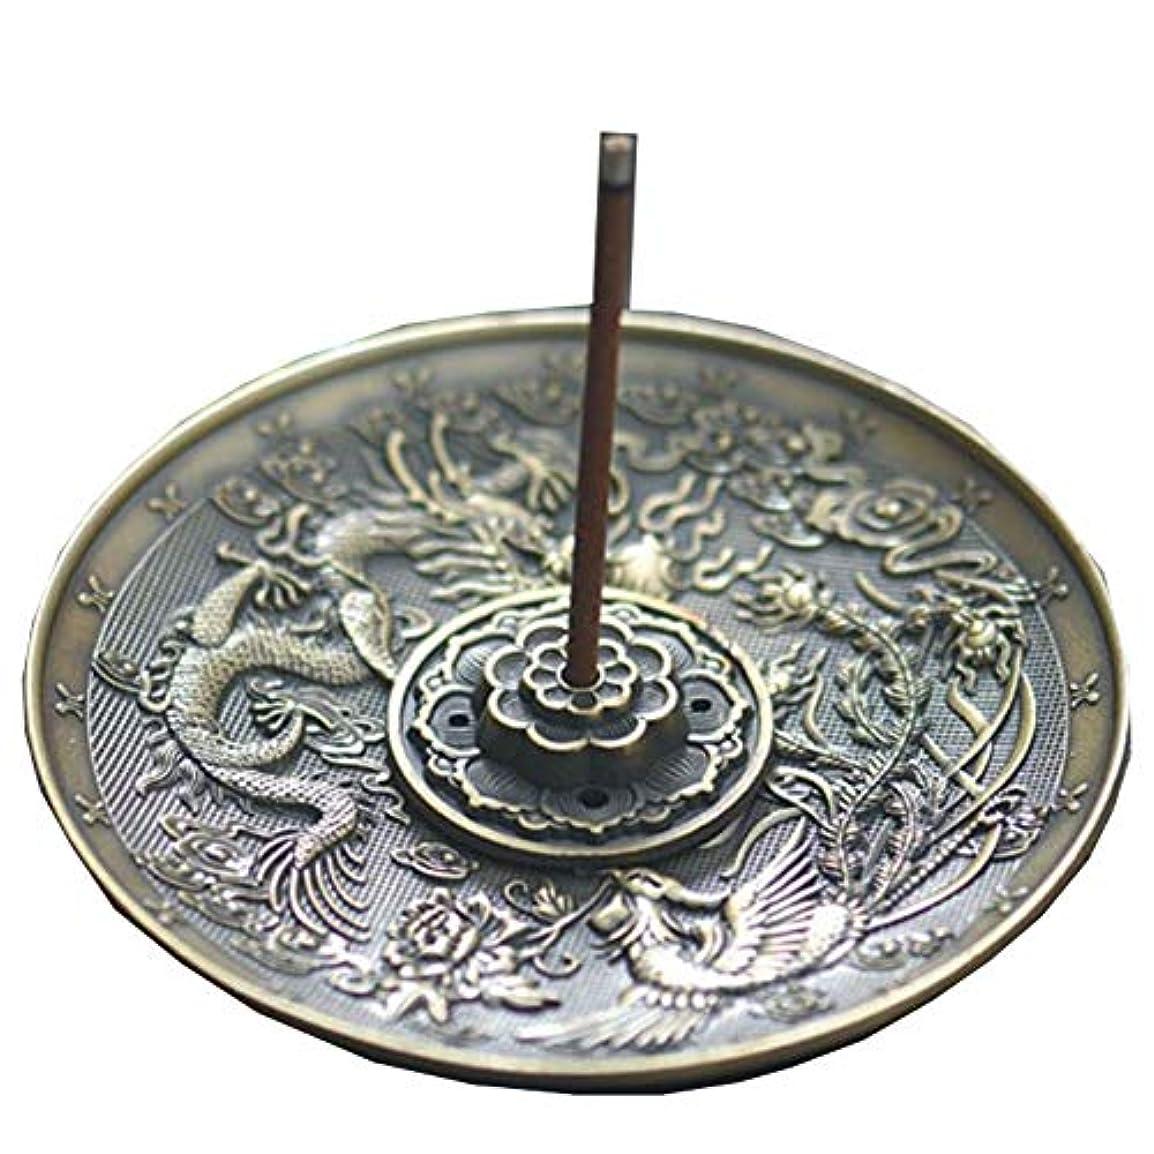 上がる邪悪なマグ[RADISSY] お香立て 香炉 香皿 スティック 円錐 タイプ お香 スタンド 龍のデザイン (青銅色5穴)